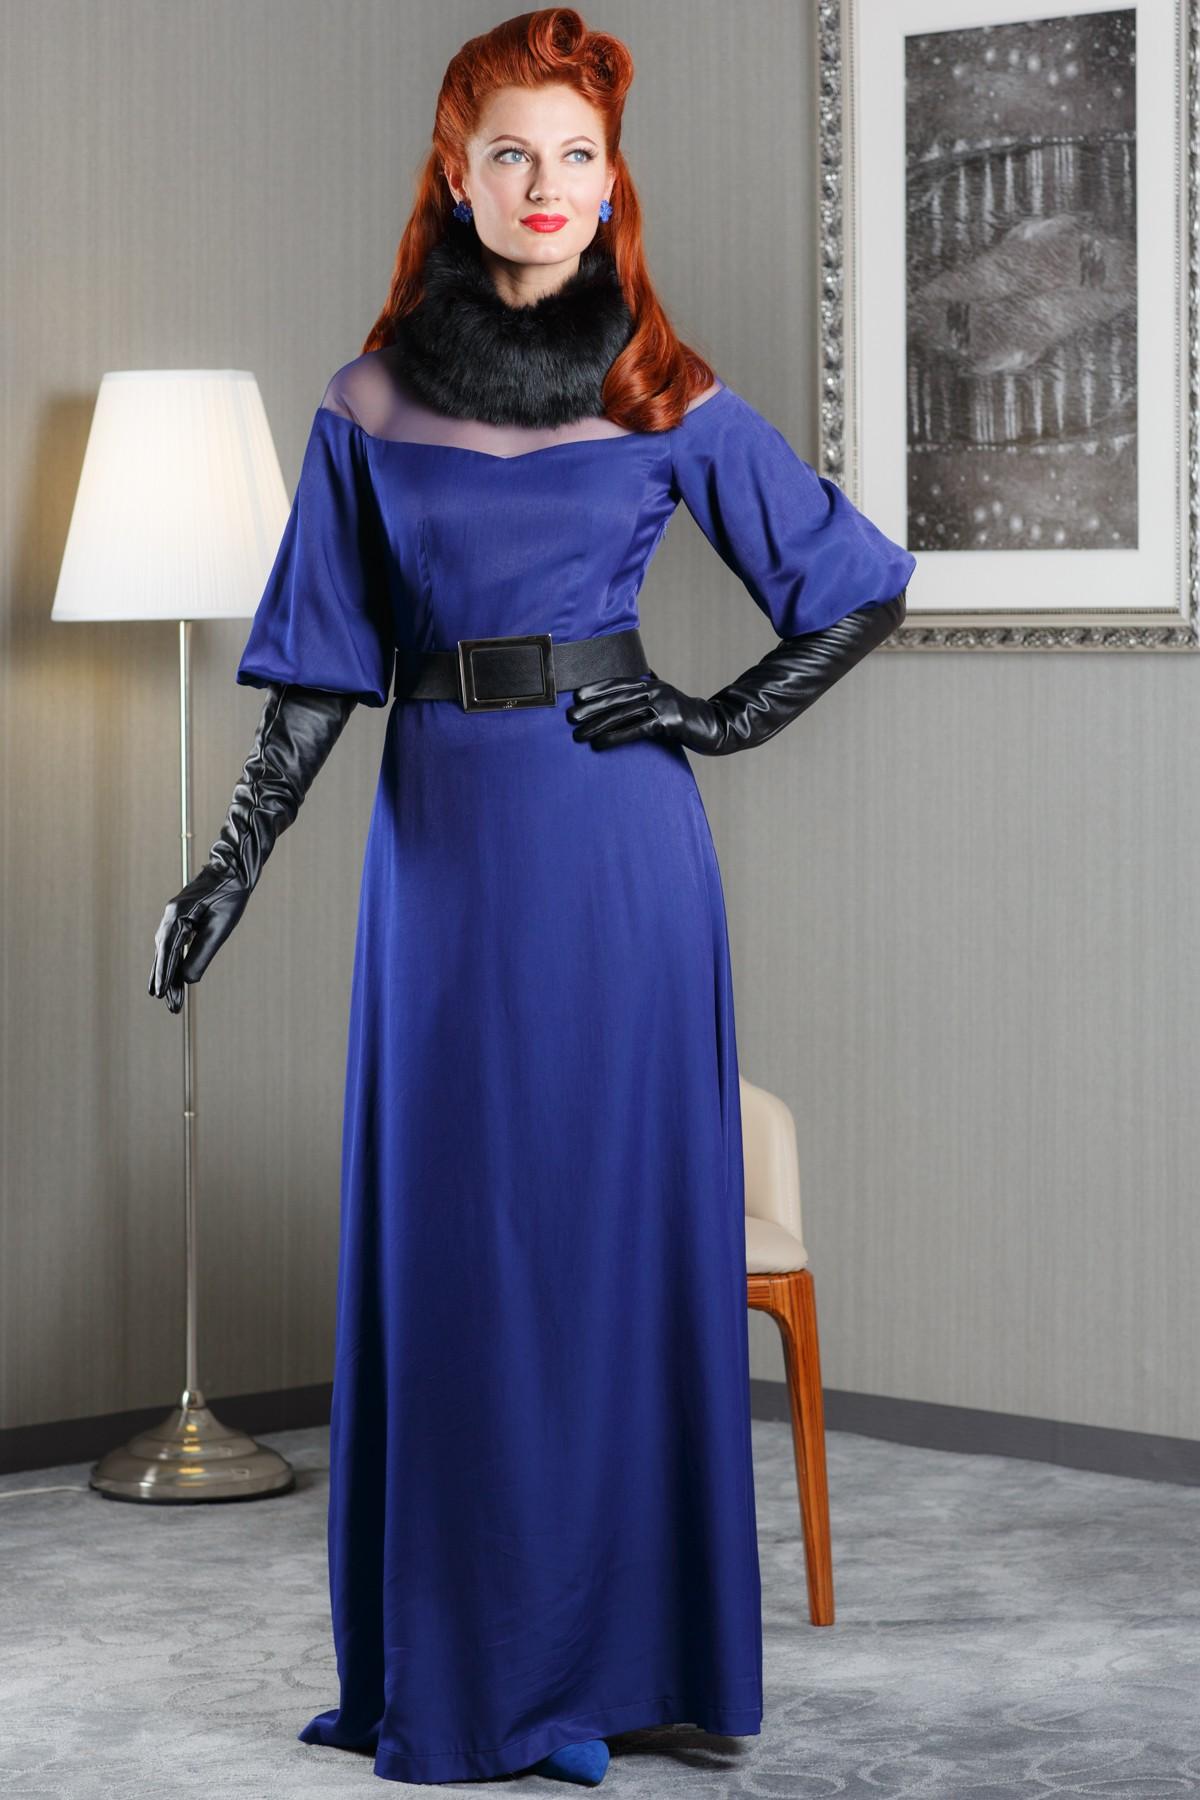 ПлатьеПлатья<br>Элегантное женское платье в пол. Модель выполнена из плотного материала. Отличный выбор для любого торжества. Платье без пояса  Цвет: синий<br><br>Горловина: С- горловина<br>По длине: Макси<br>По материалу: Вискоза,Тканевые<br>По образу: Город,Свидание,Выход в свет<br>По рисунку: Однотонные<br>По сезону: Весна,Всесезон,Зима,Лето,Осень<br>По силуэту: Полуприталенные<br>Рукав: Рукав три четверти<br>По форме: Платье - футляр<br>По стилю: Молодежный стиль,Нарядный стиль<br>Размер : 44<br>Материал: Атлас + Гипюровая сетка<br>Количество в наличии: 1